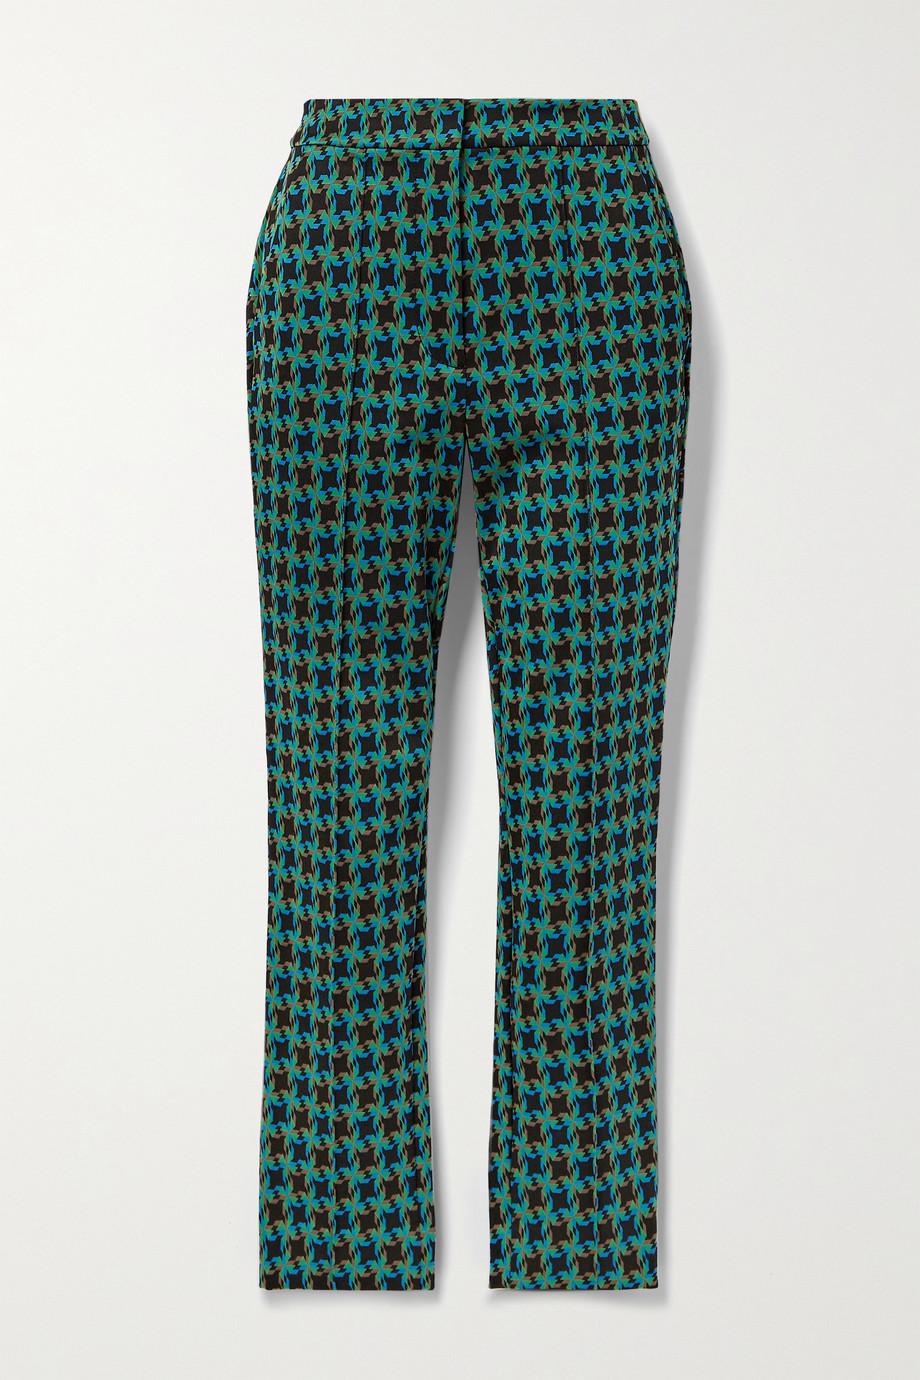 Diane von Furstenberg Pantalon skinny en jacquard Carsen